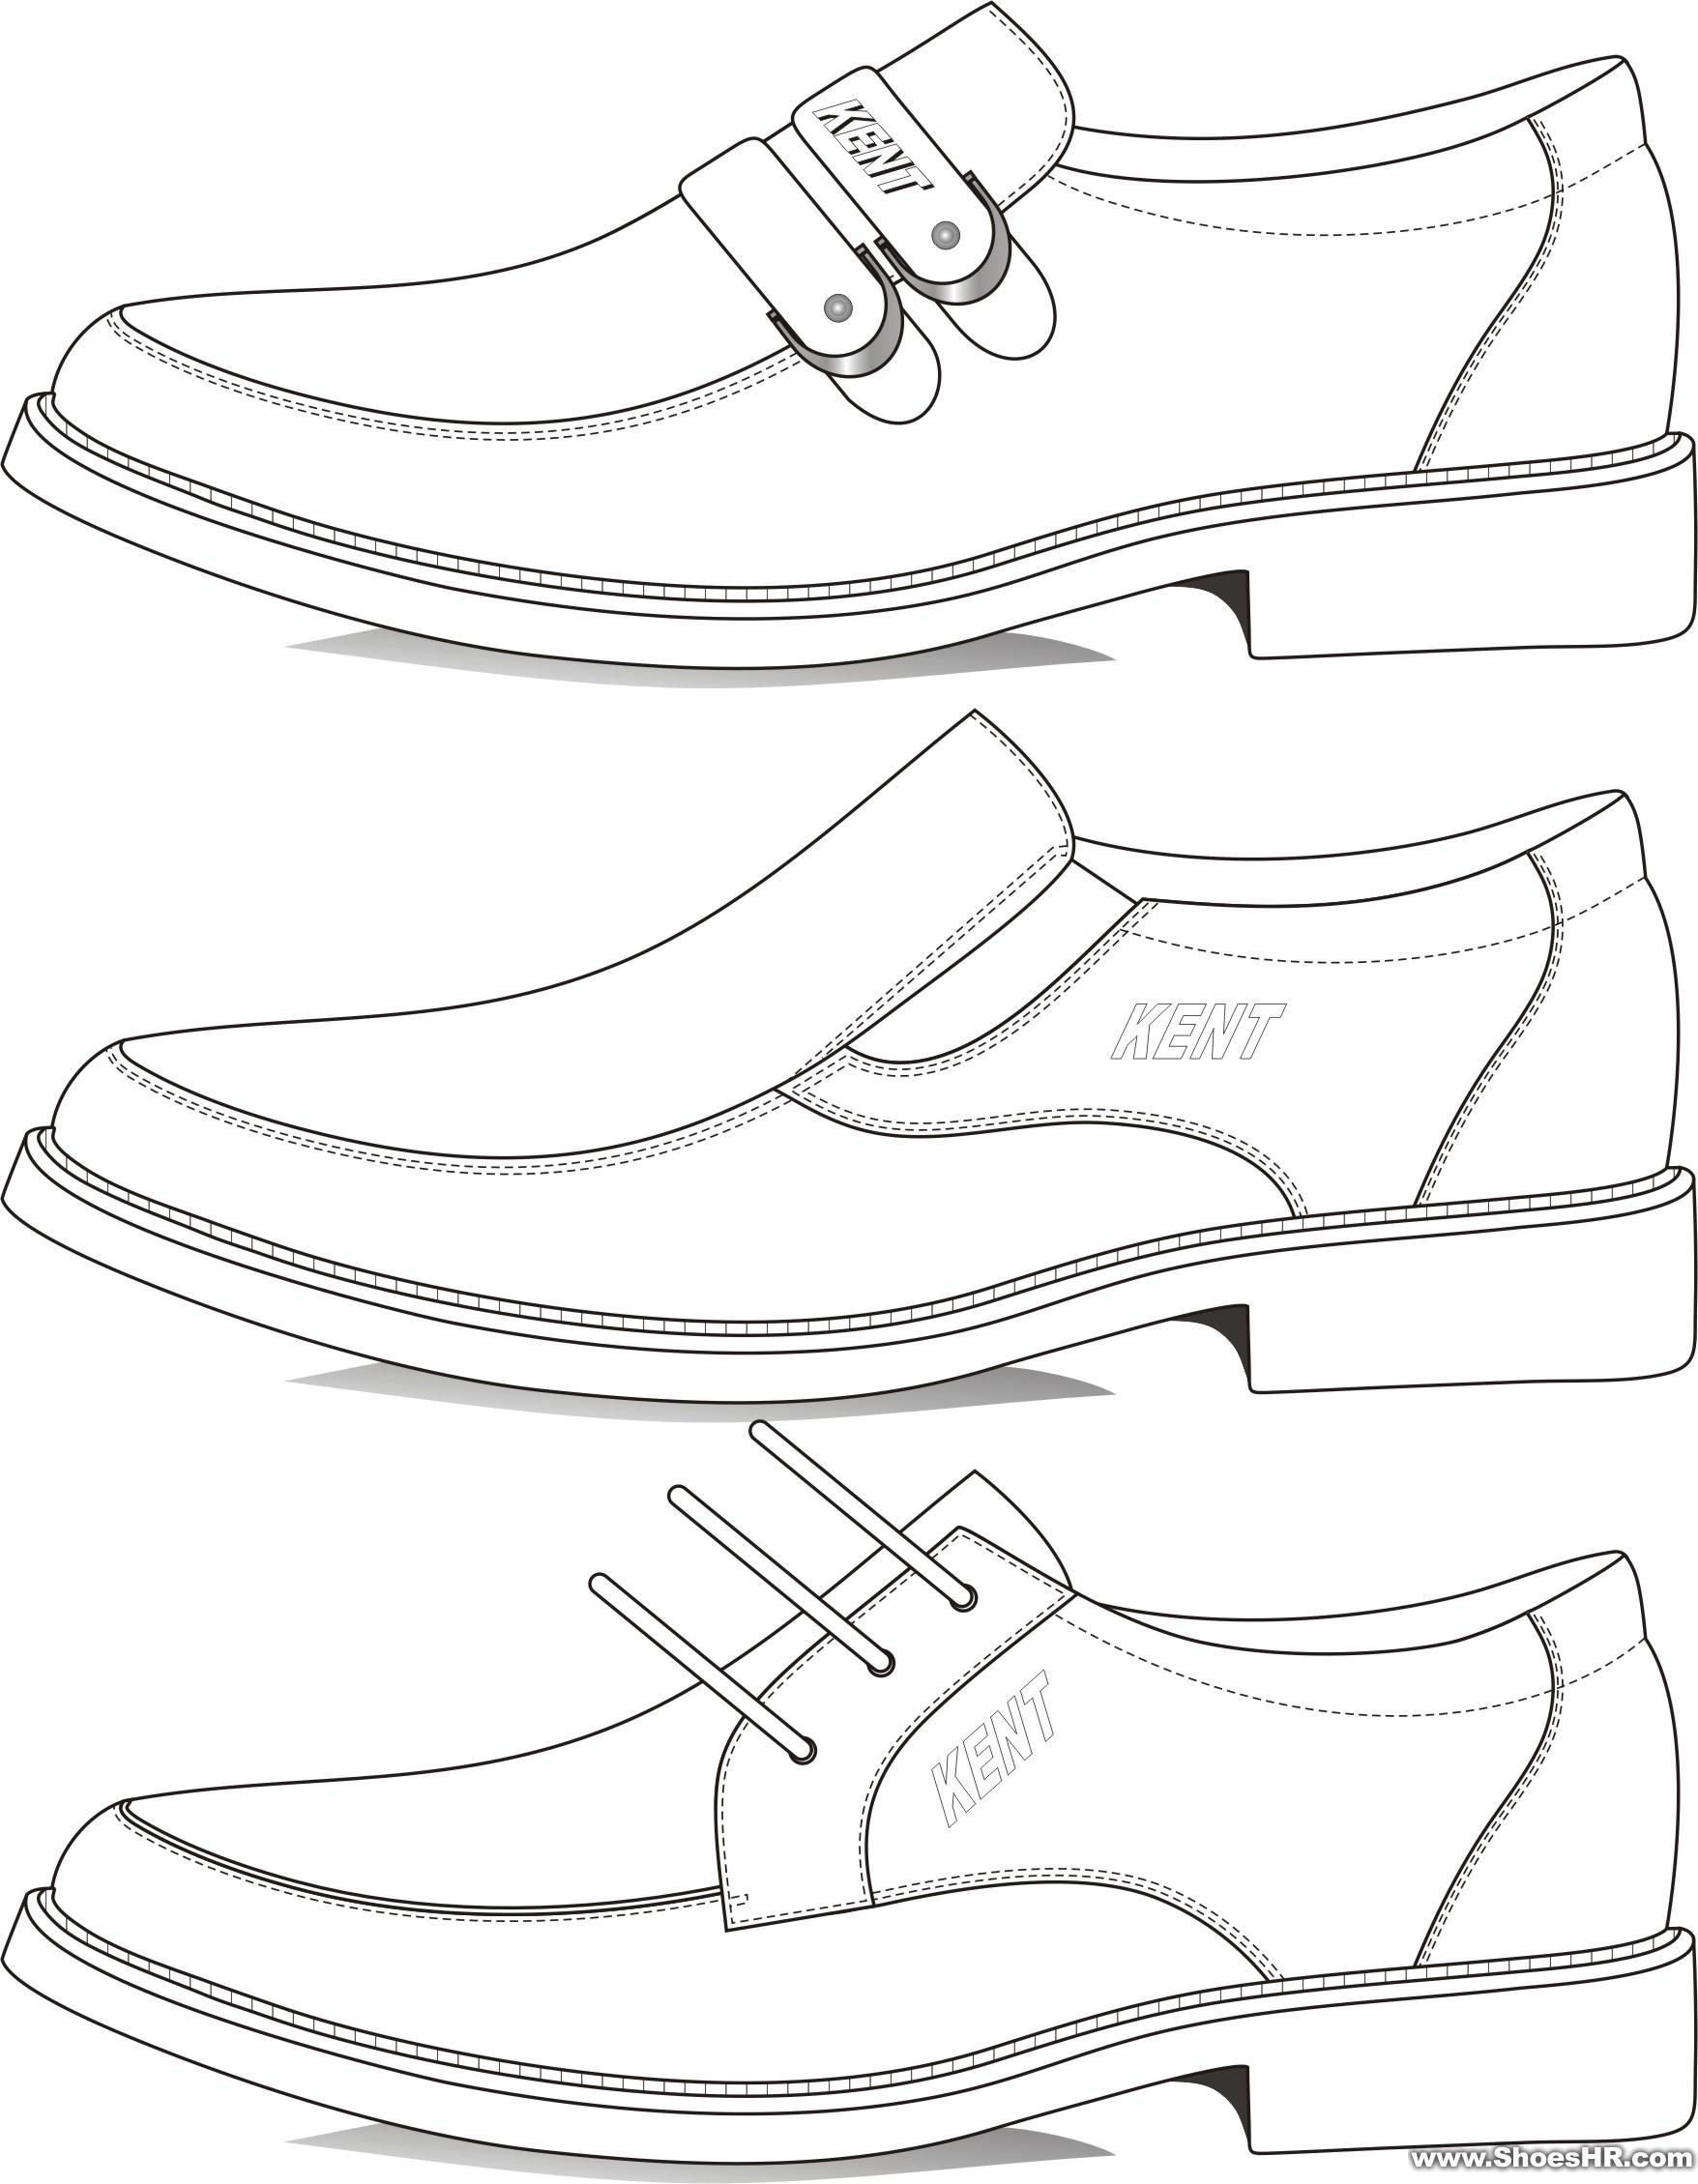 03,潘宏--中国鞋业设计师网图片